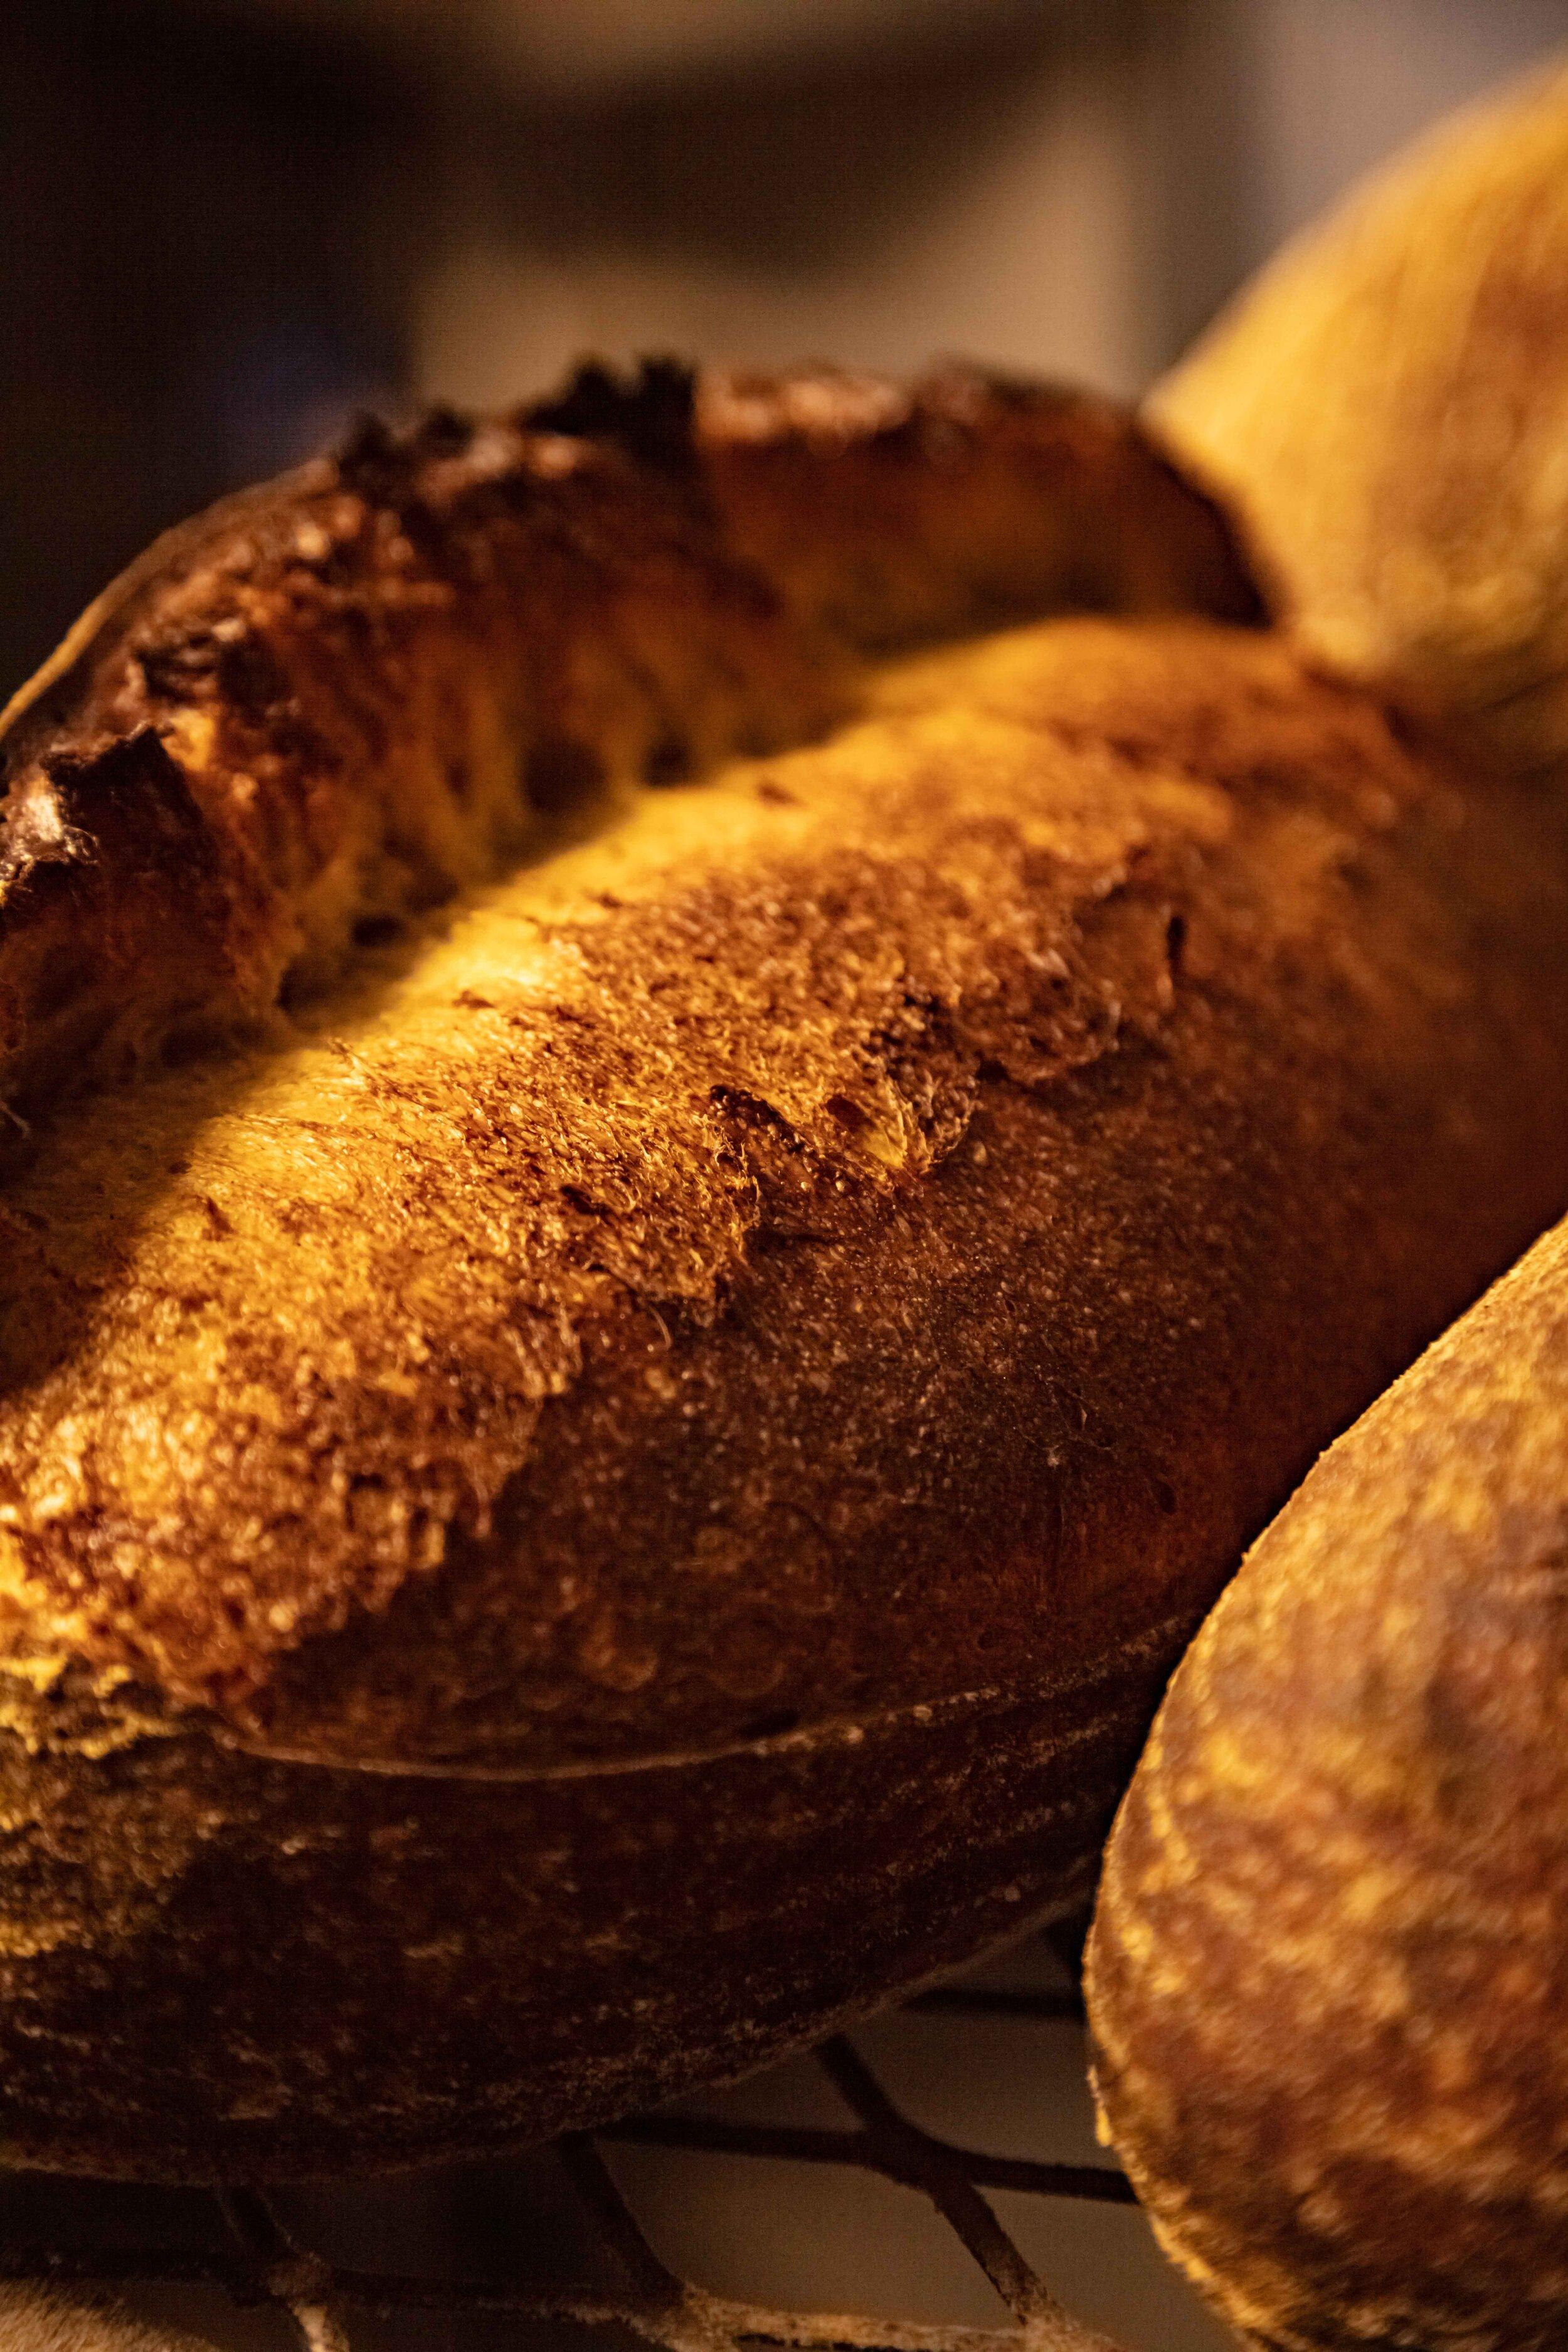 JAN Journal 3 - Bread Gypsy-42.jpg